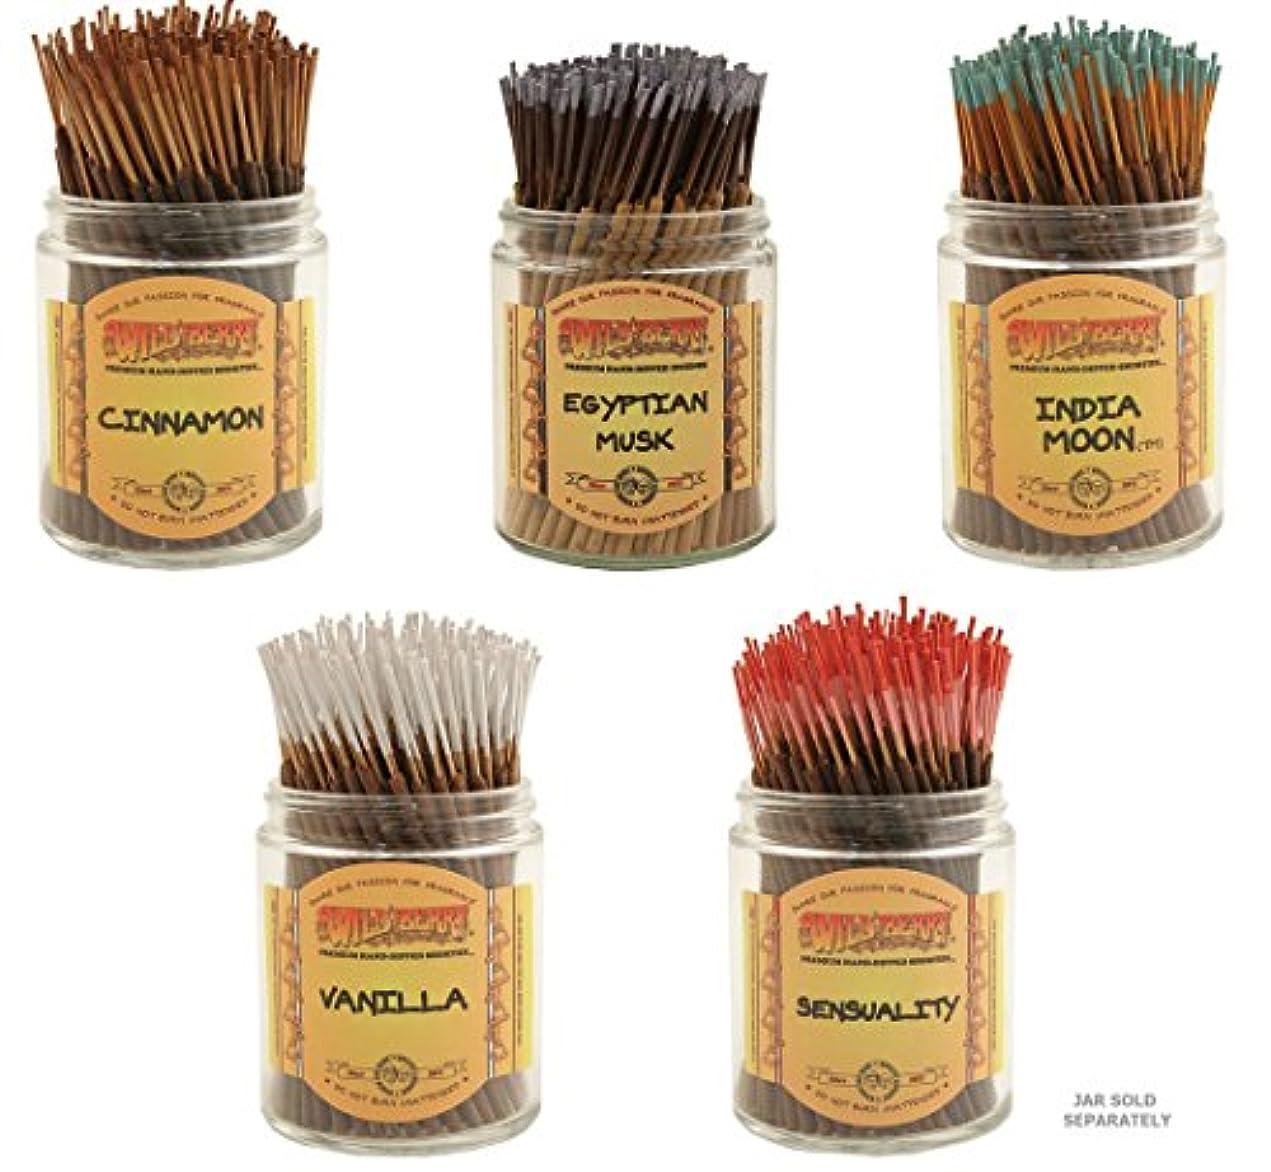 権限吸い込む松の木Wildberry Short Incense Sticks – Set of 5秋Fragrances – シナモン、エジプトムスク、インドMoon、Sensuality、バニラ(100各パック、合計500 Sticks)